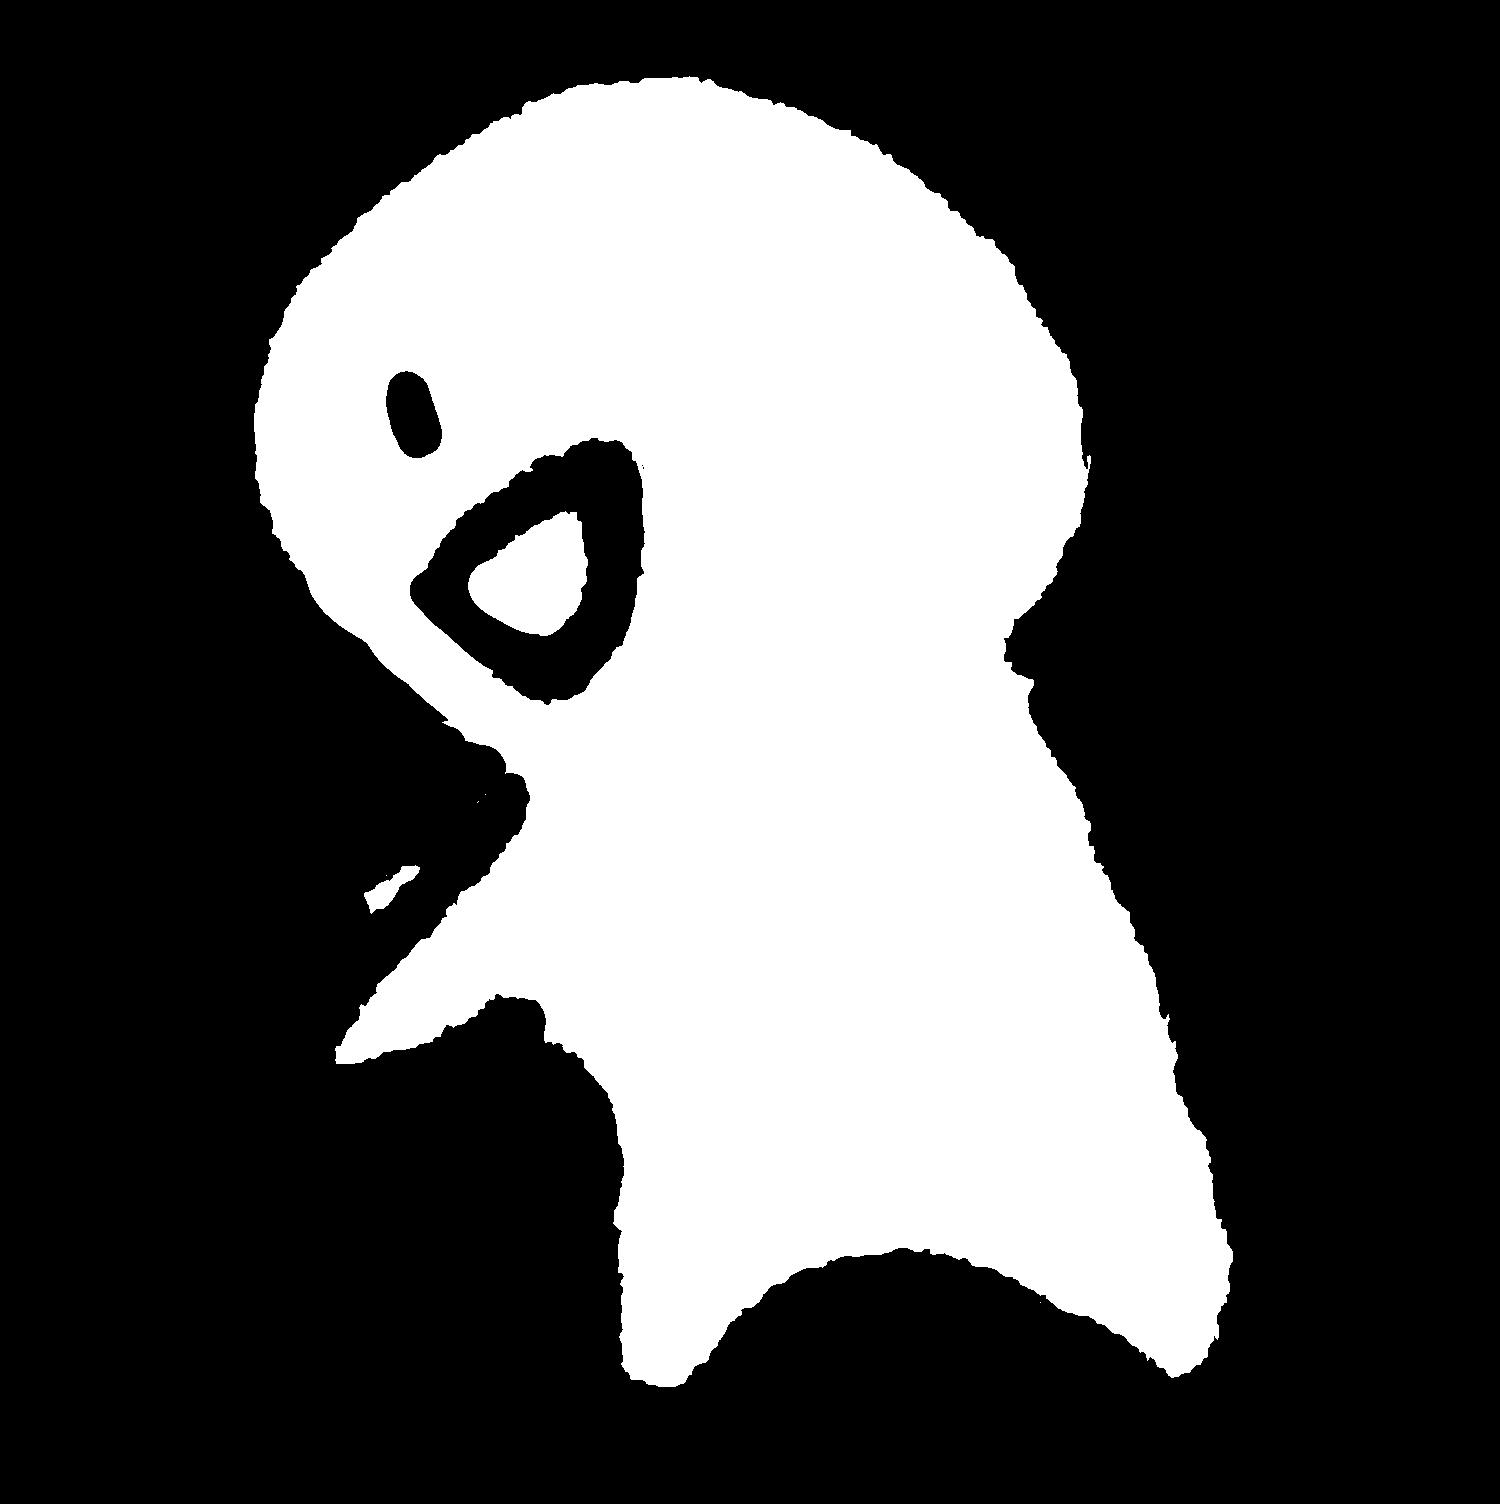 声をかけるのイラスト / Talk to someone Illustration